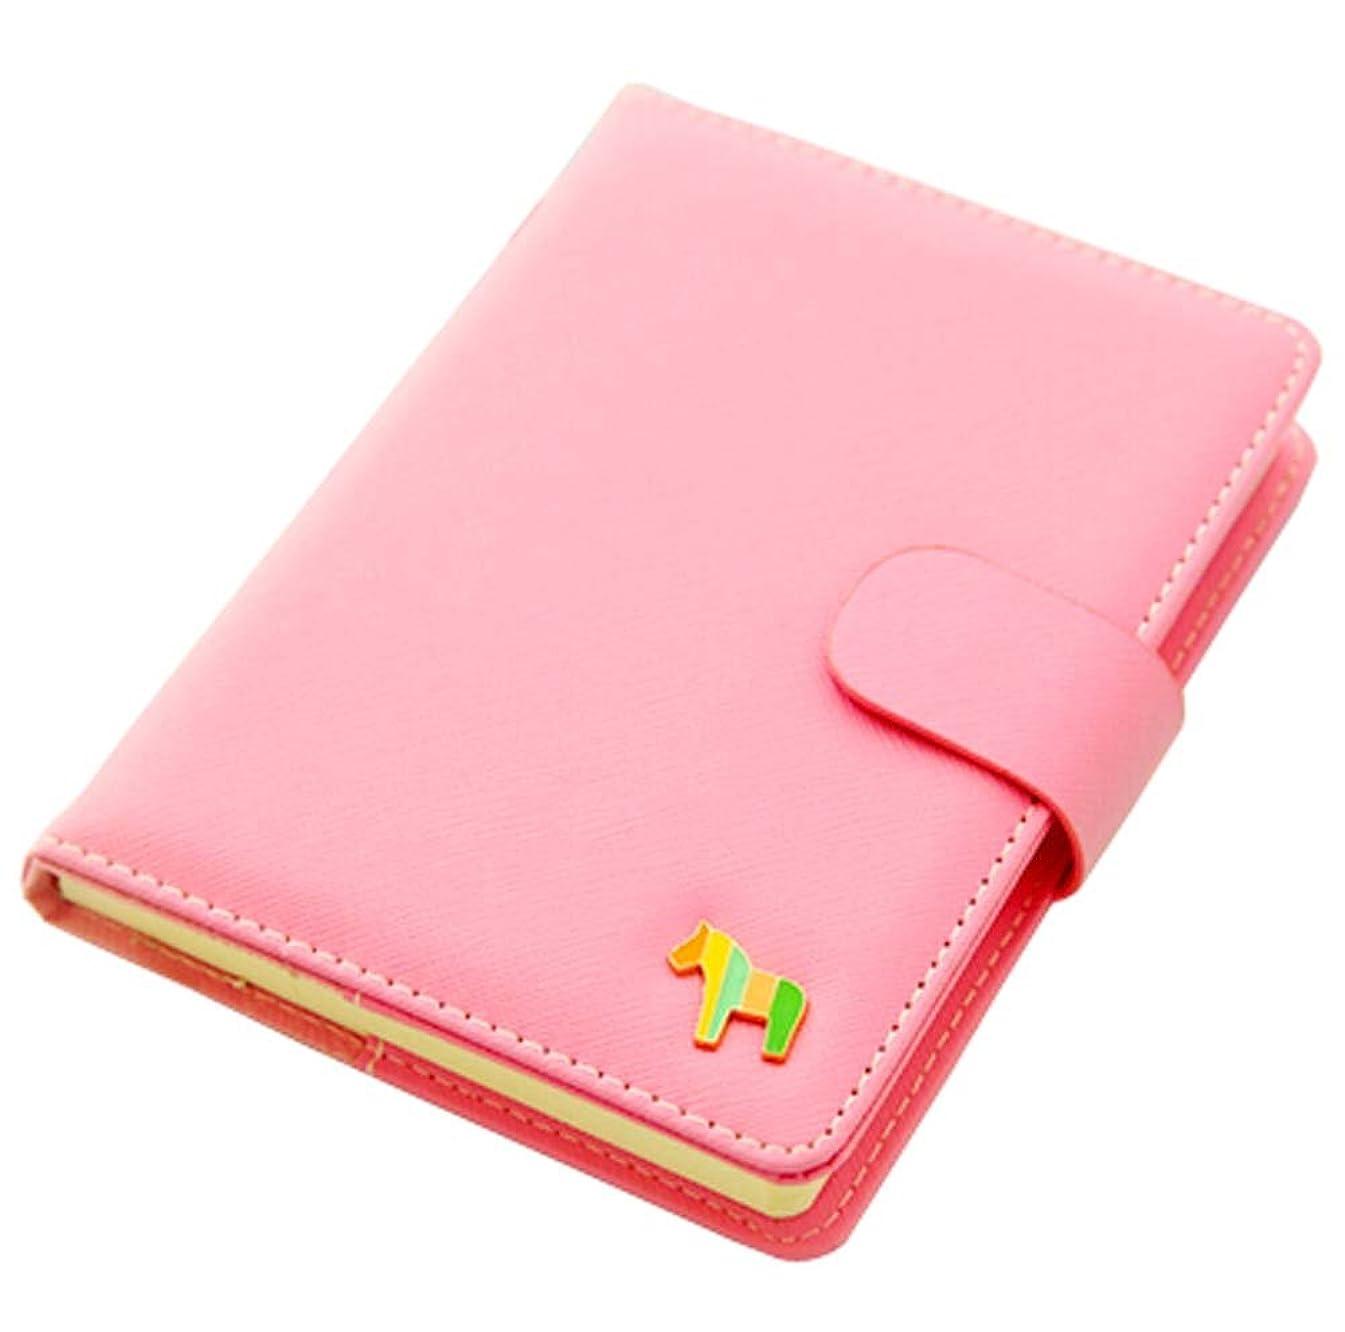 バイバイローブ連結するピンクノートブックポータブルオフィスミニポケットポータブルスケジュール手帳